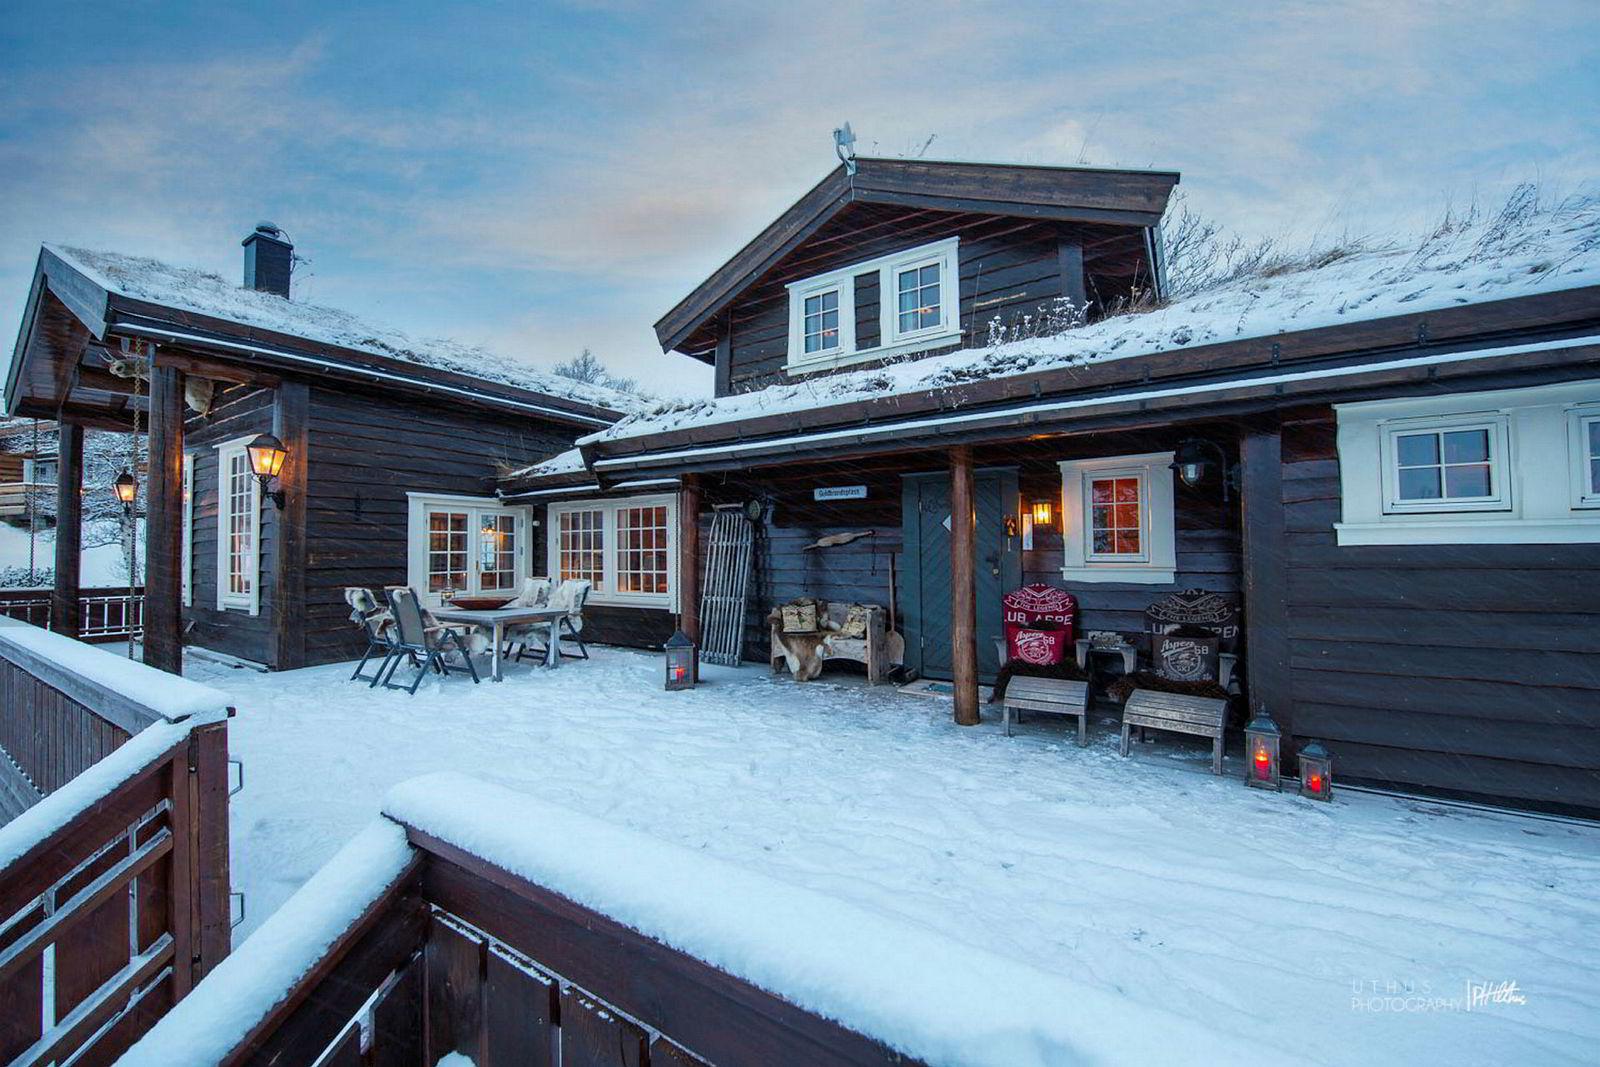 Hytte i Sæteskarvegen 41 i Skurdalen, 157 kvm, Prisantydning Kr 5 950 000, solgt for kr 5 650 000.